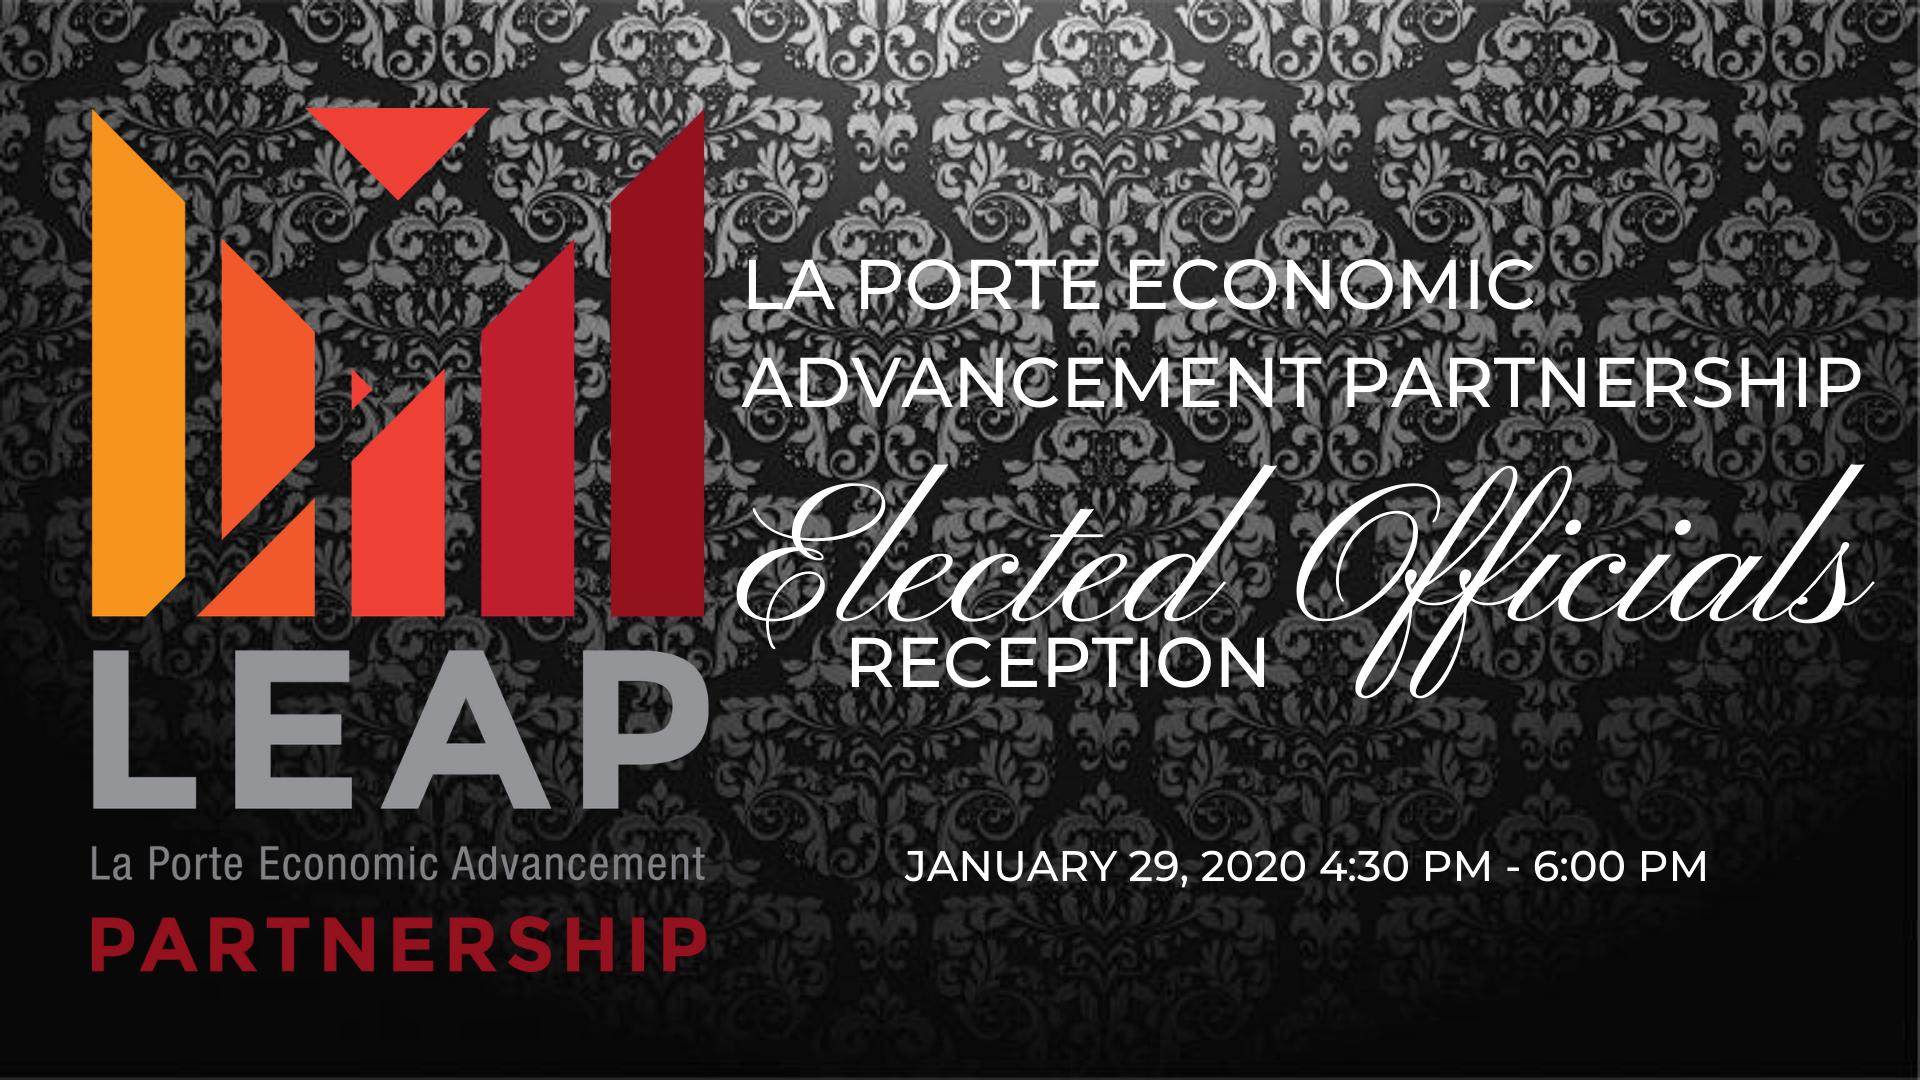 Elected Officials Reception La Porte Economic Advancement Partnership